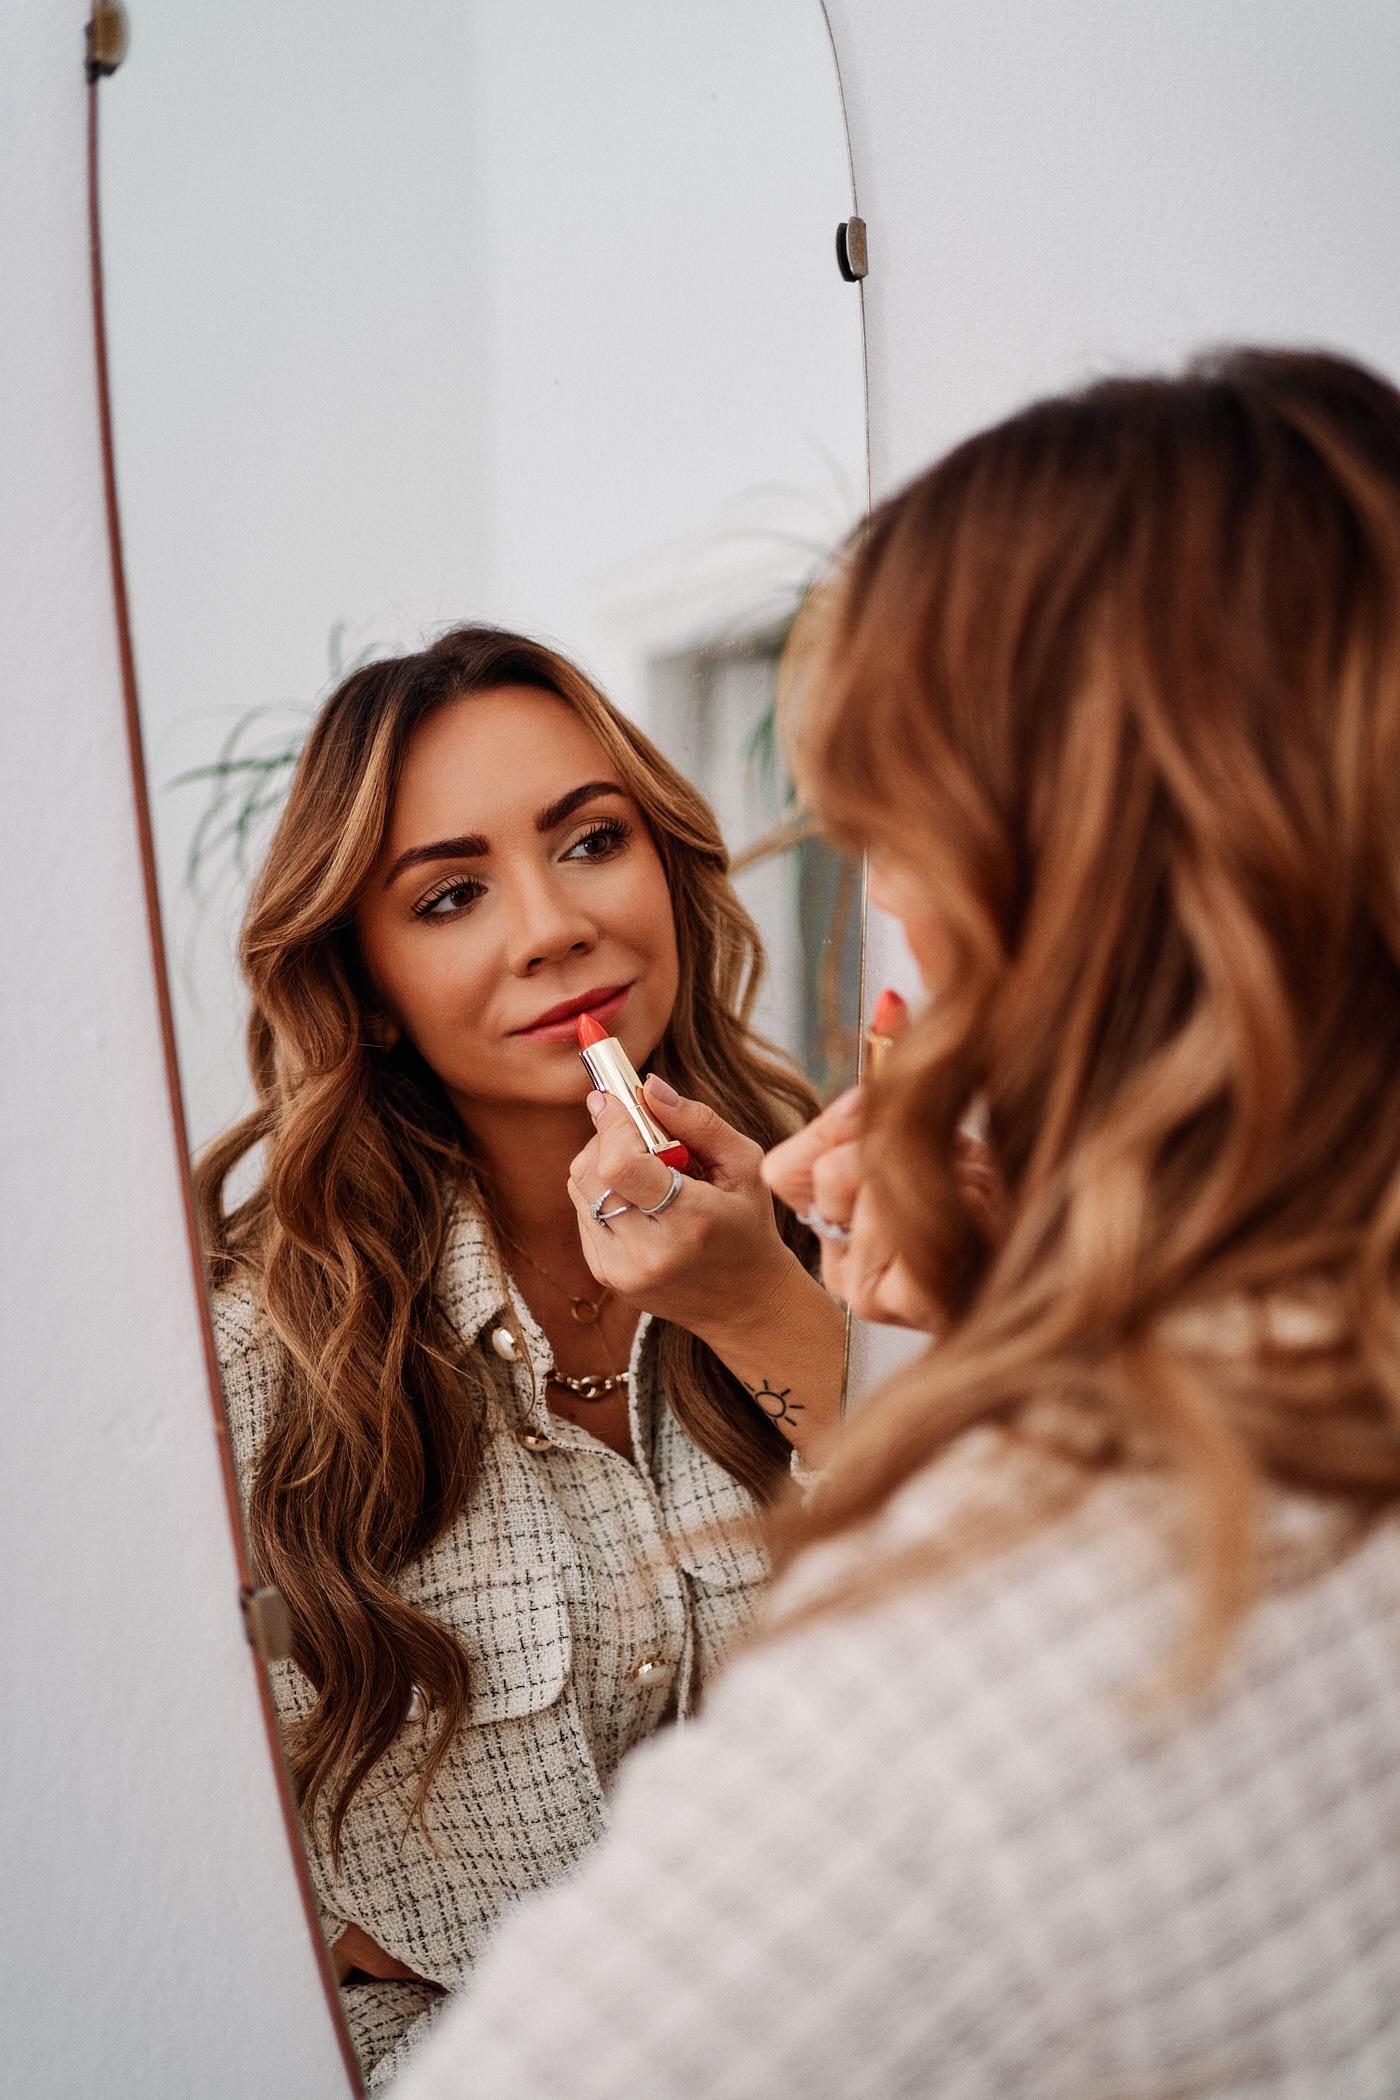 Podkreśl usta w świątecznym makijażu – pomadka Max Factor Colour Elixir dostępna w 9 odcieniach – na zdjęciu 060 Intensely Coral